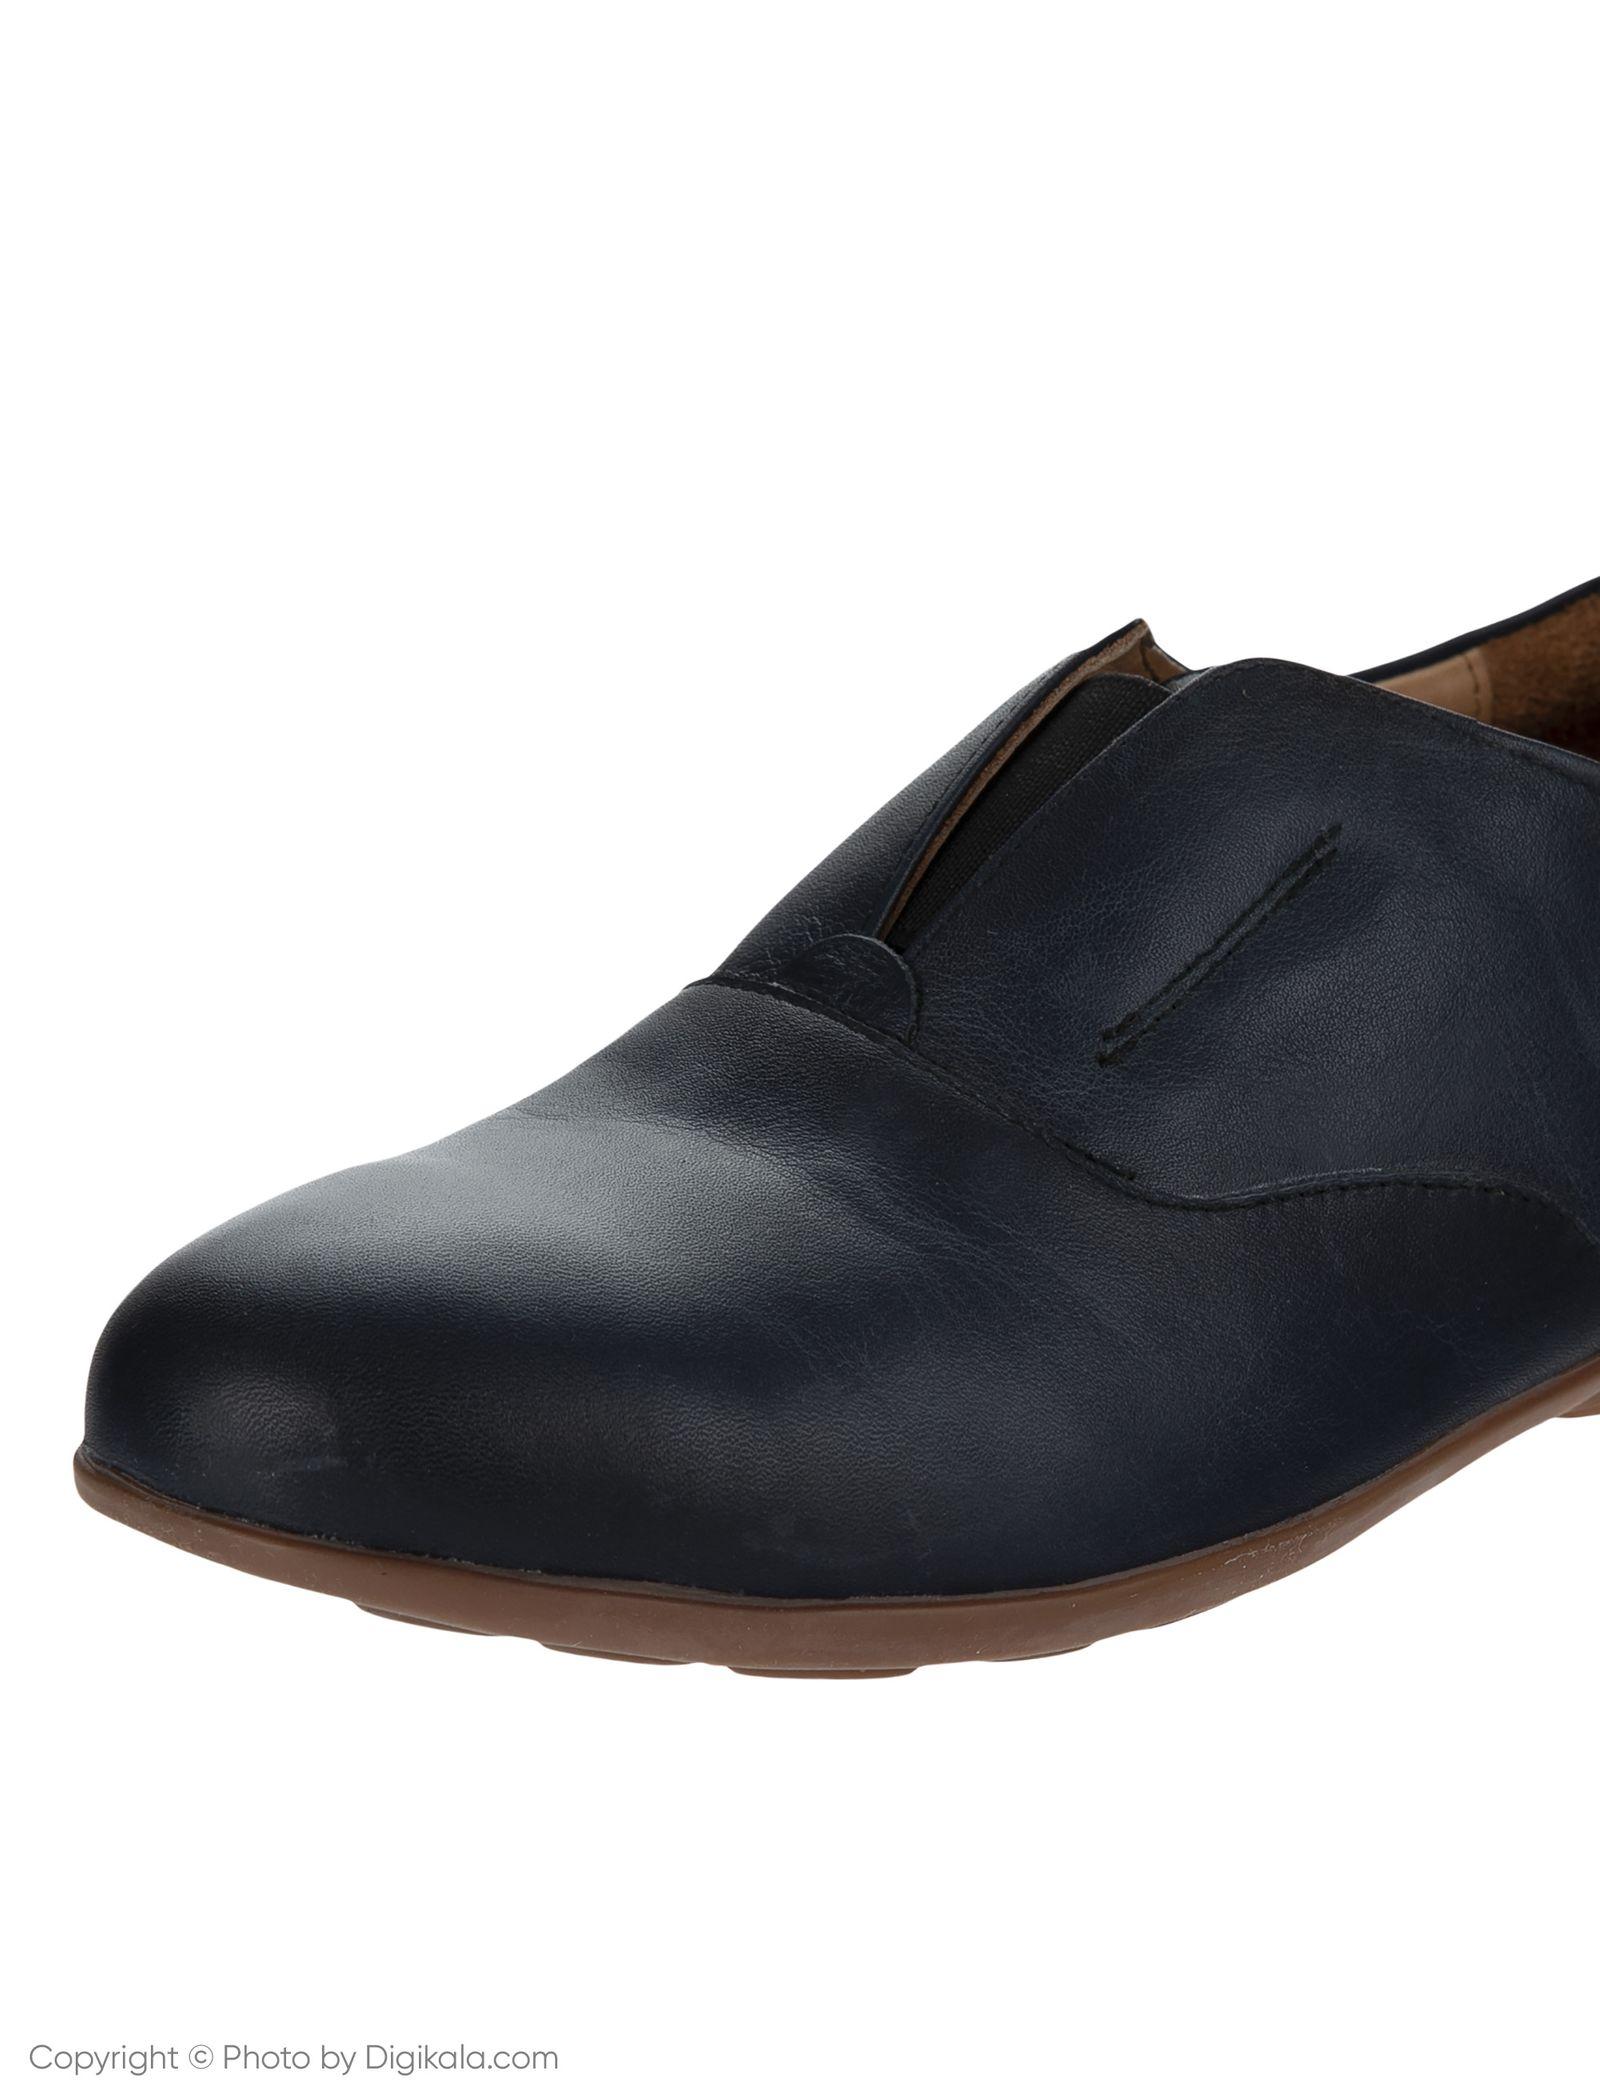 کفش روزمره زنانه دلفارد مدل DL5166A500-103 -  - 6